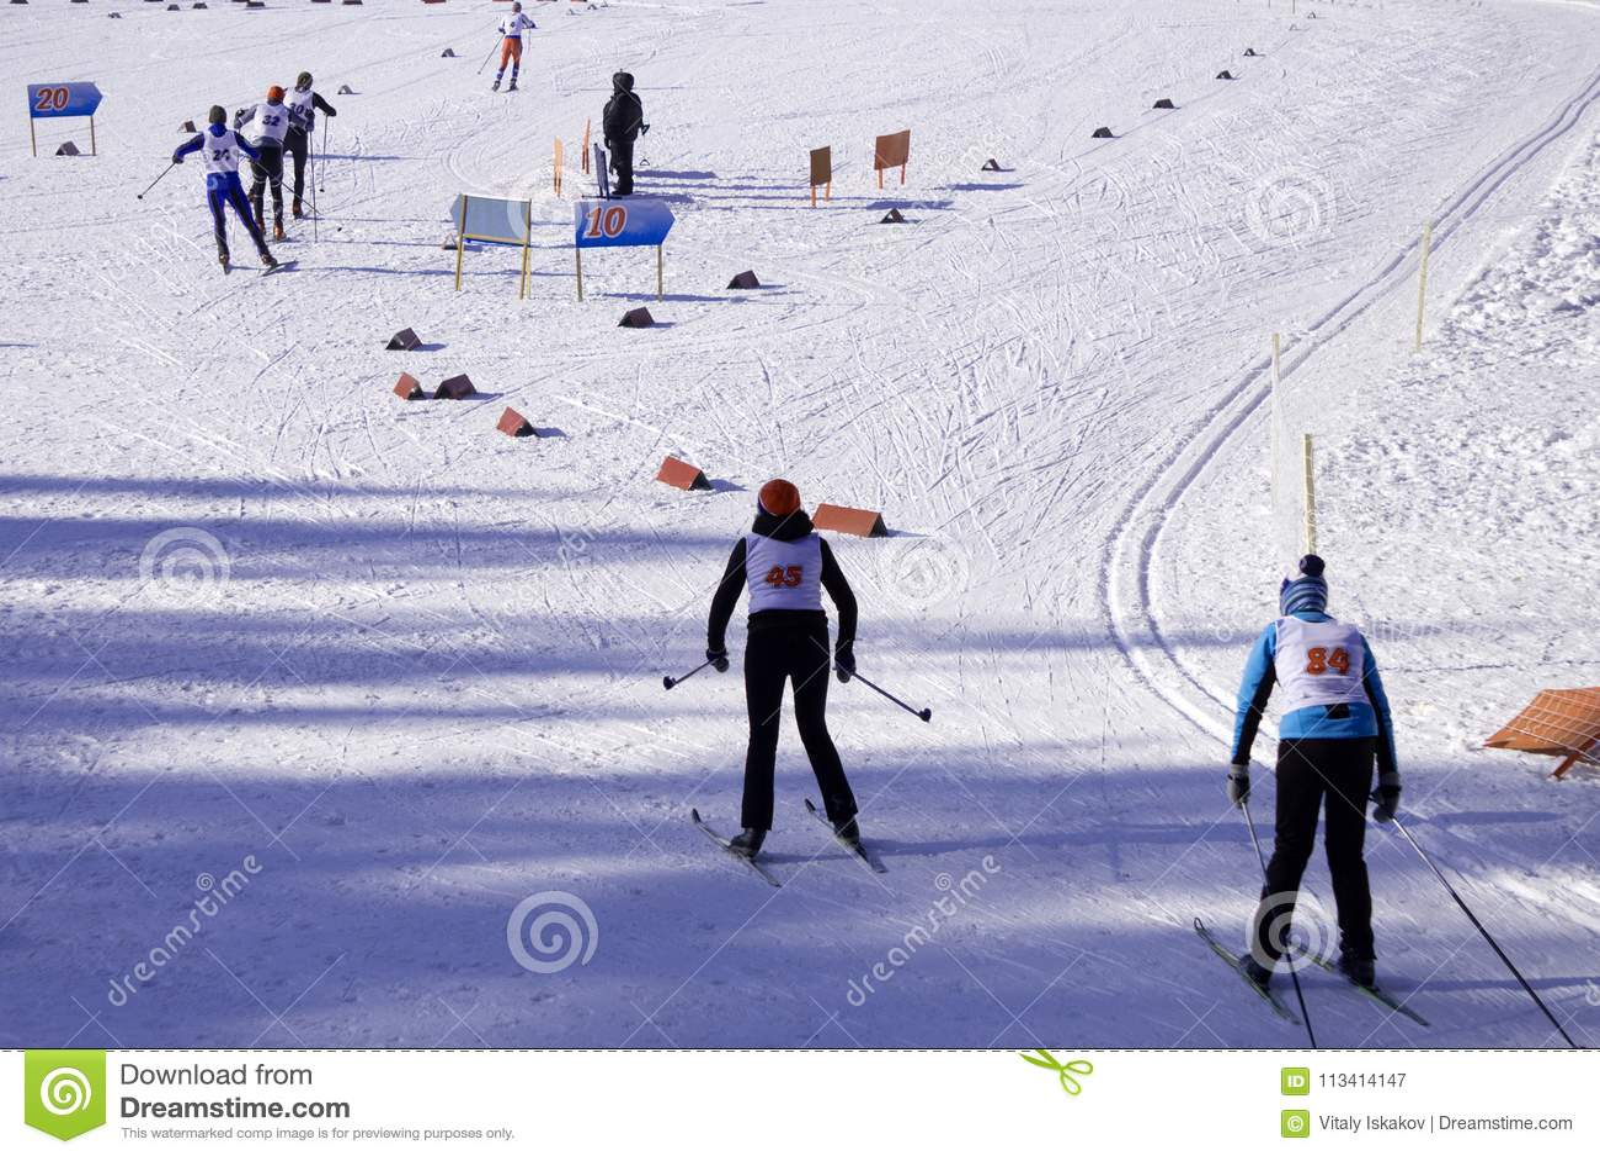 Skifahrer kreuzen die Skisteigung vor dem Anfang